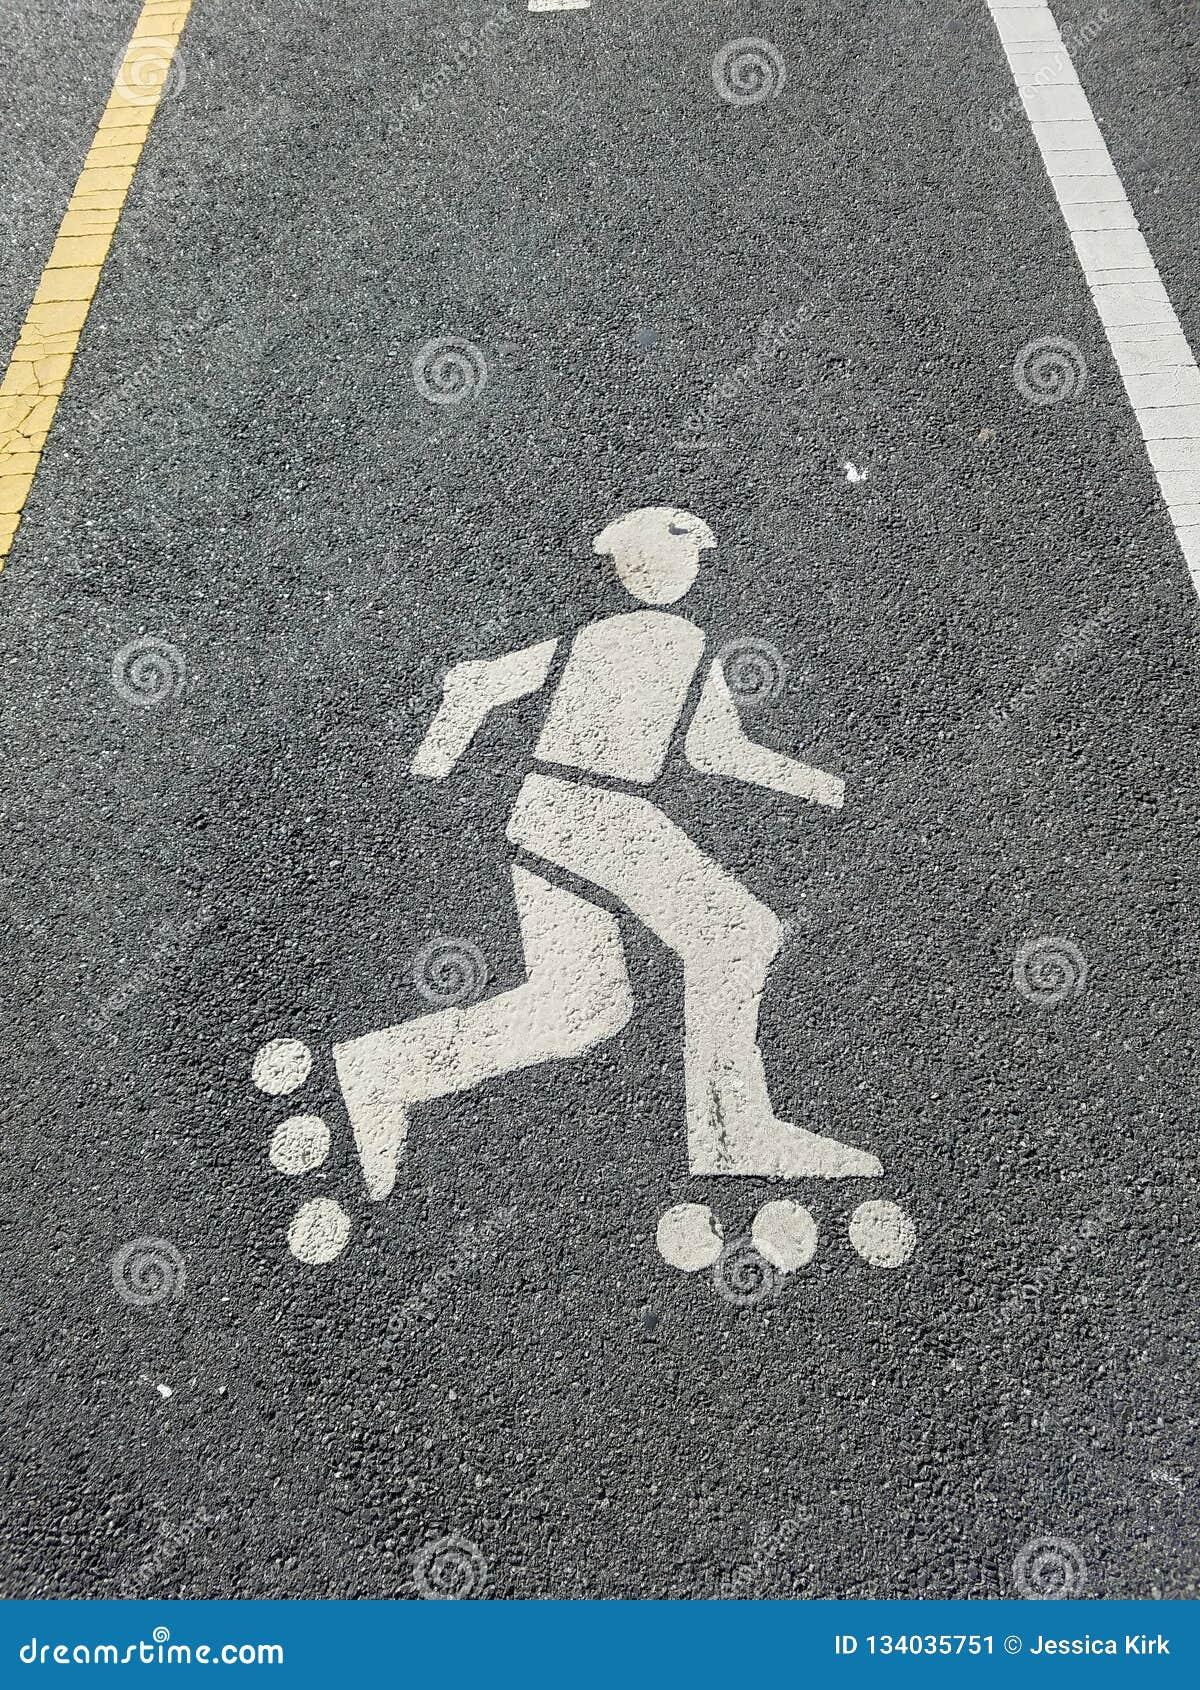 Майна кататься на коньках ролика на пути велосипеда, с желтыми и белыми линиями раздела